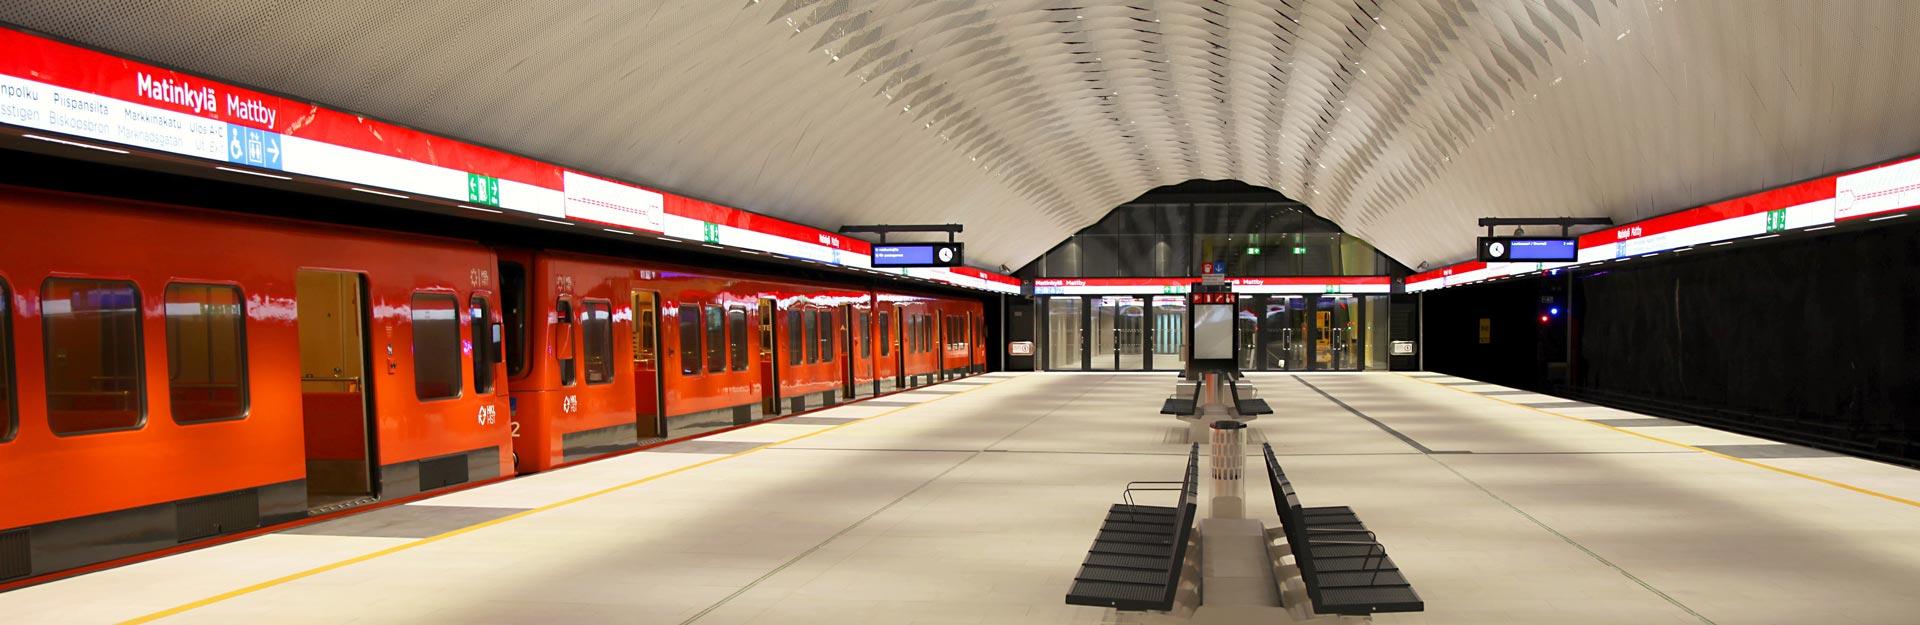 A metro at Matinkylä metro station.